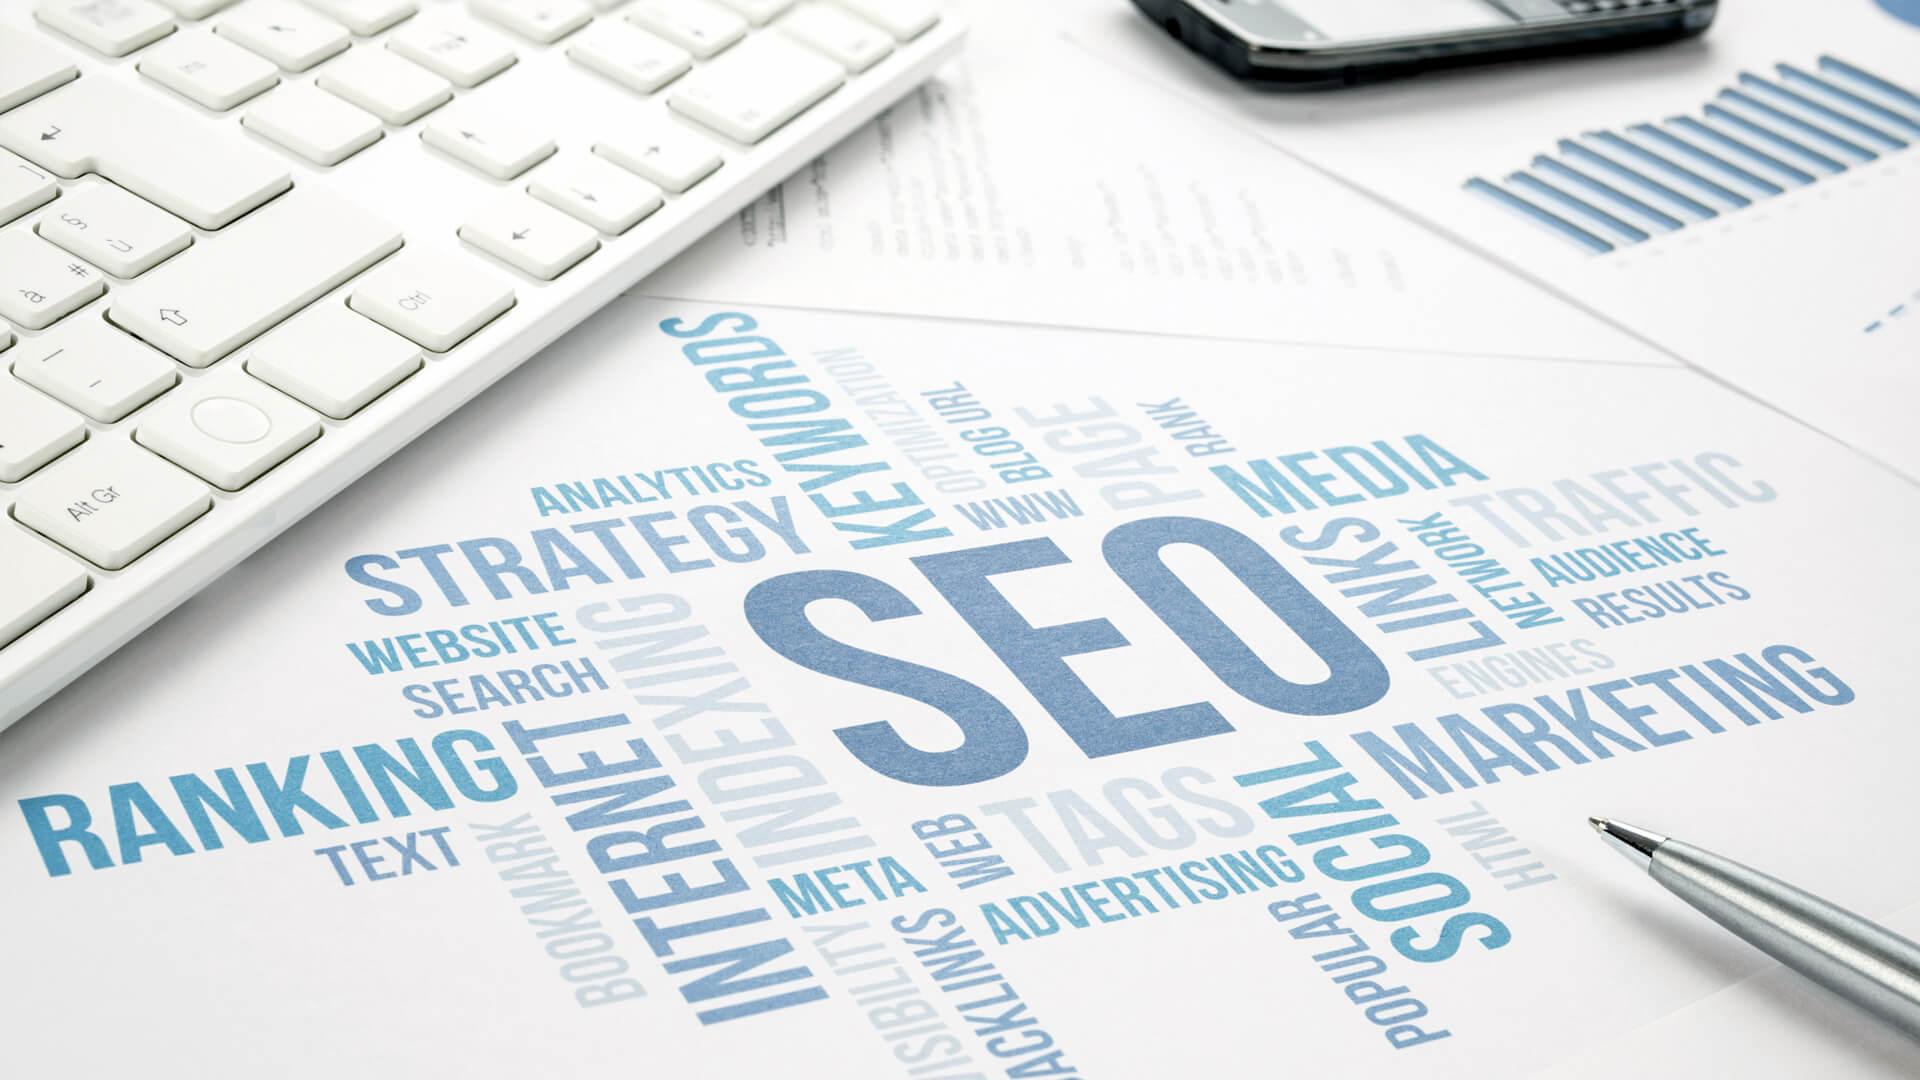 Преимущества продвижения сайта в поисковых системах